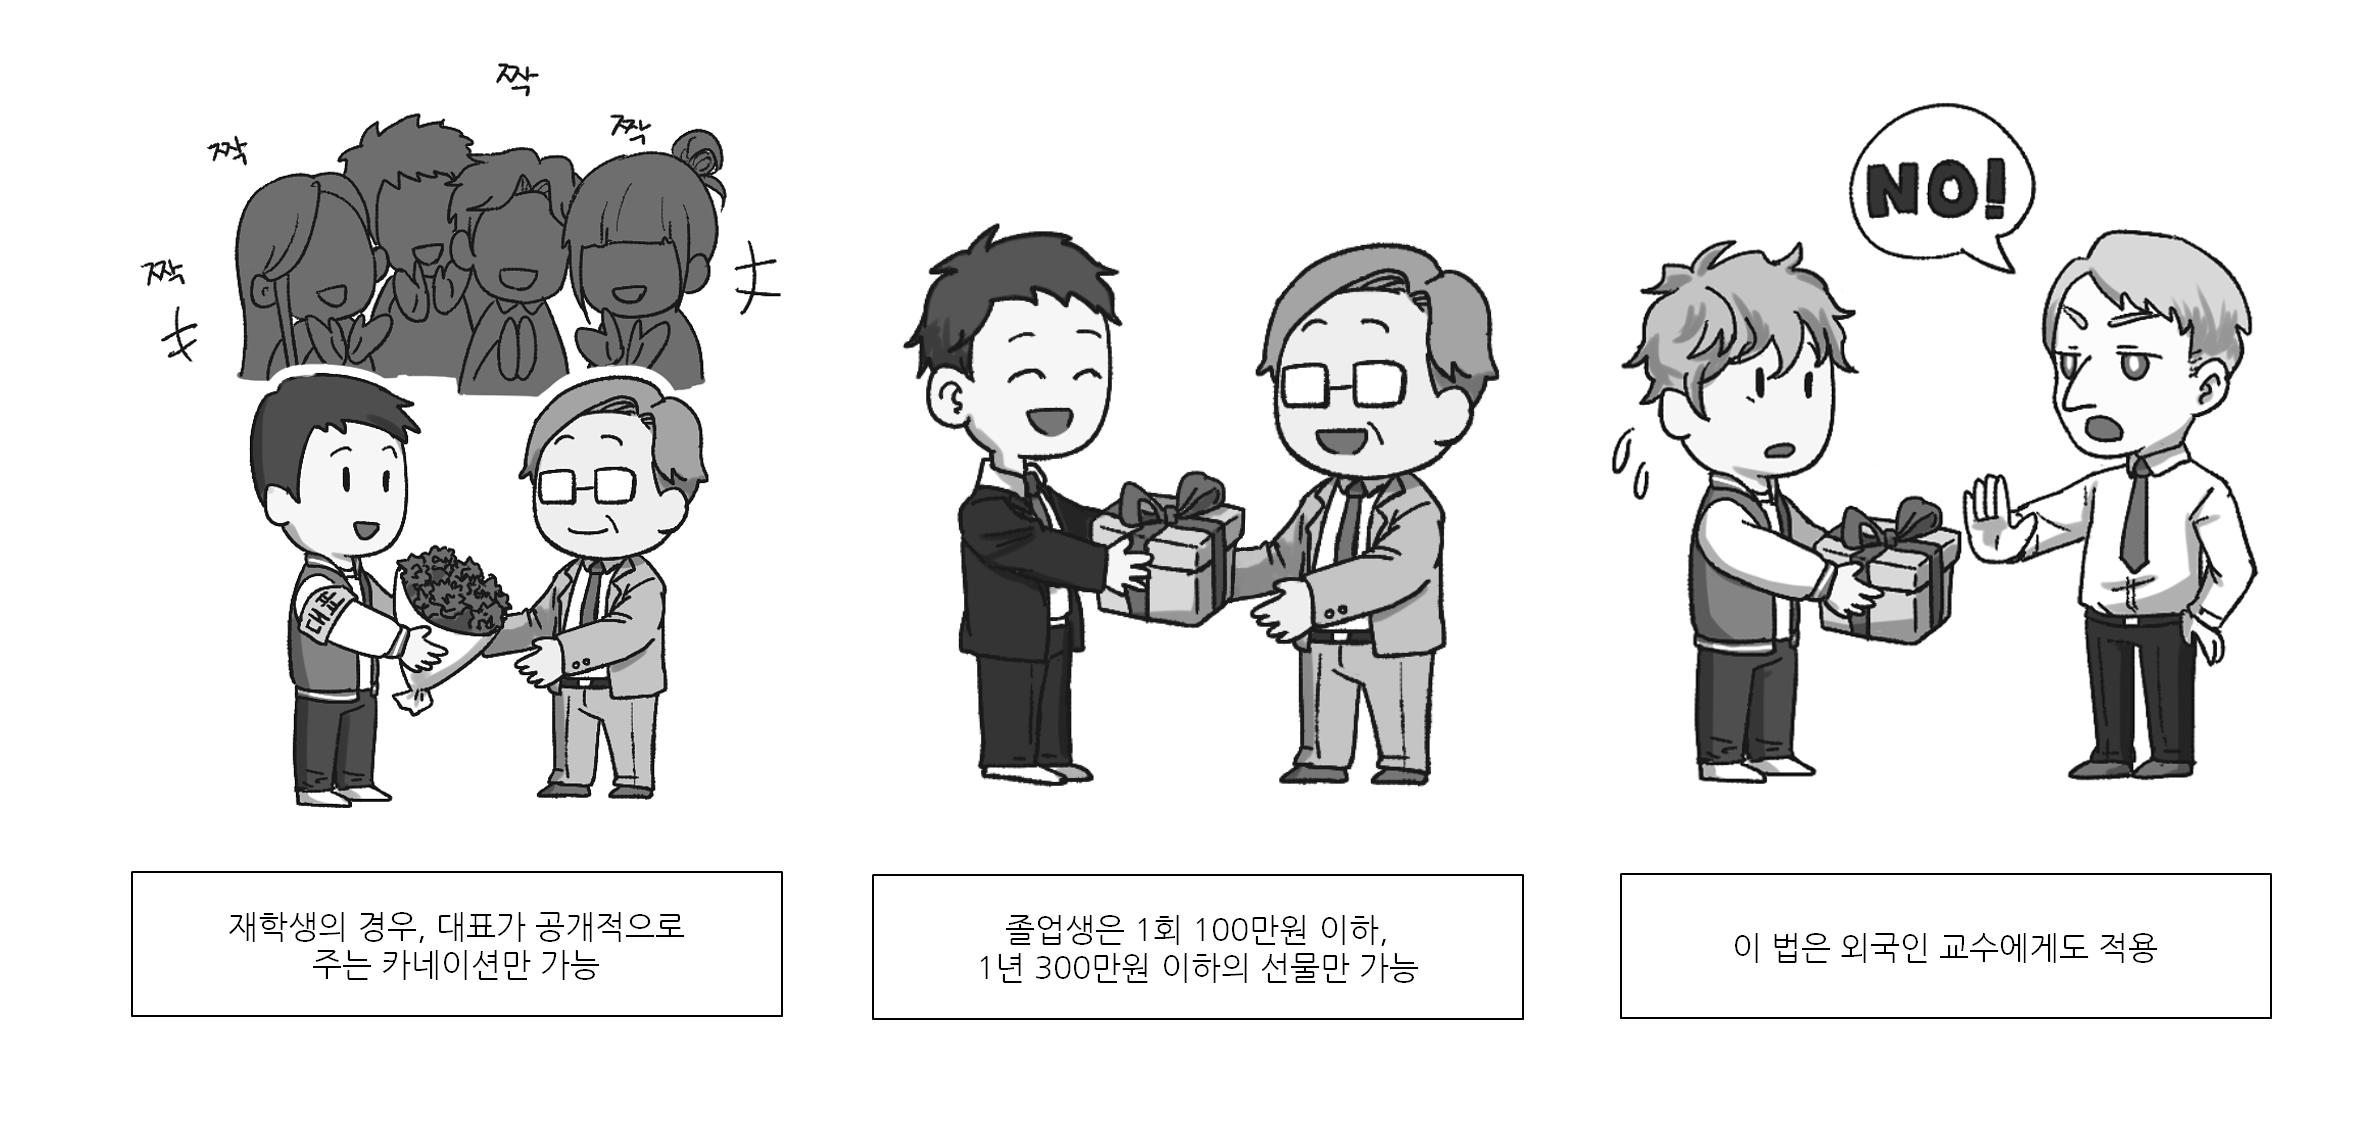 [구보민, 김용준] 스승의날 기사 일러스트.png